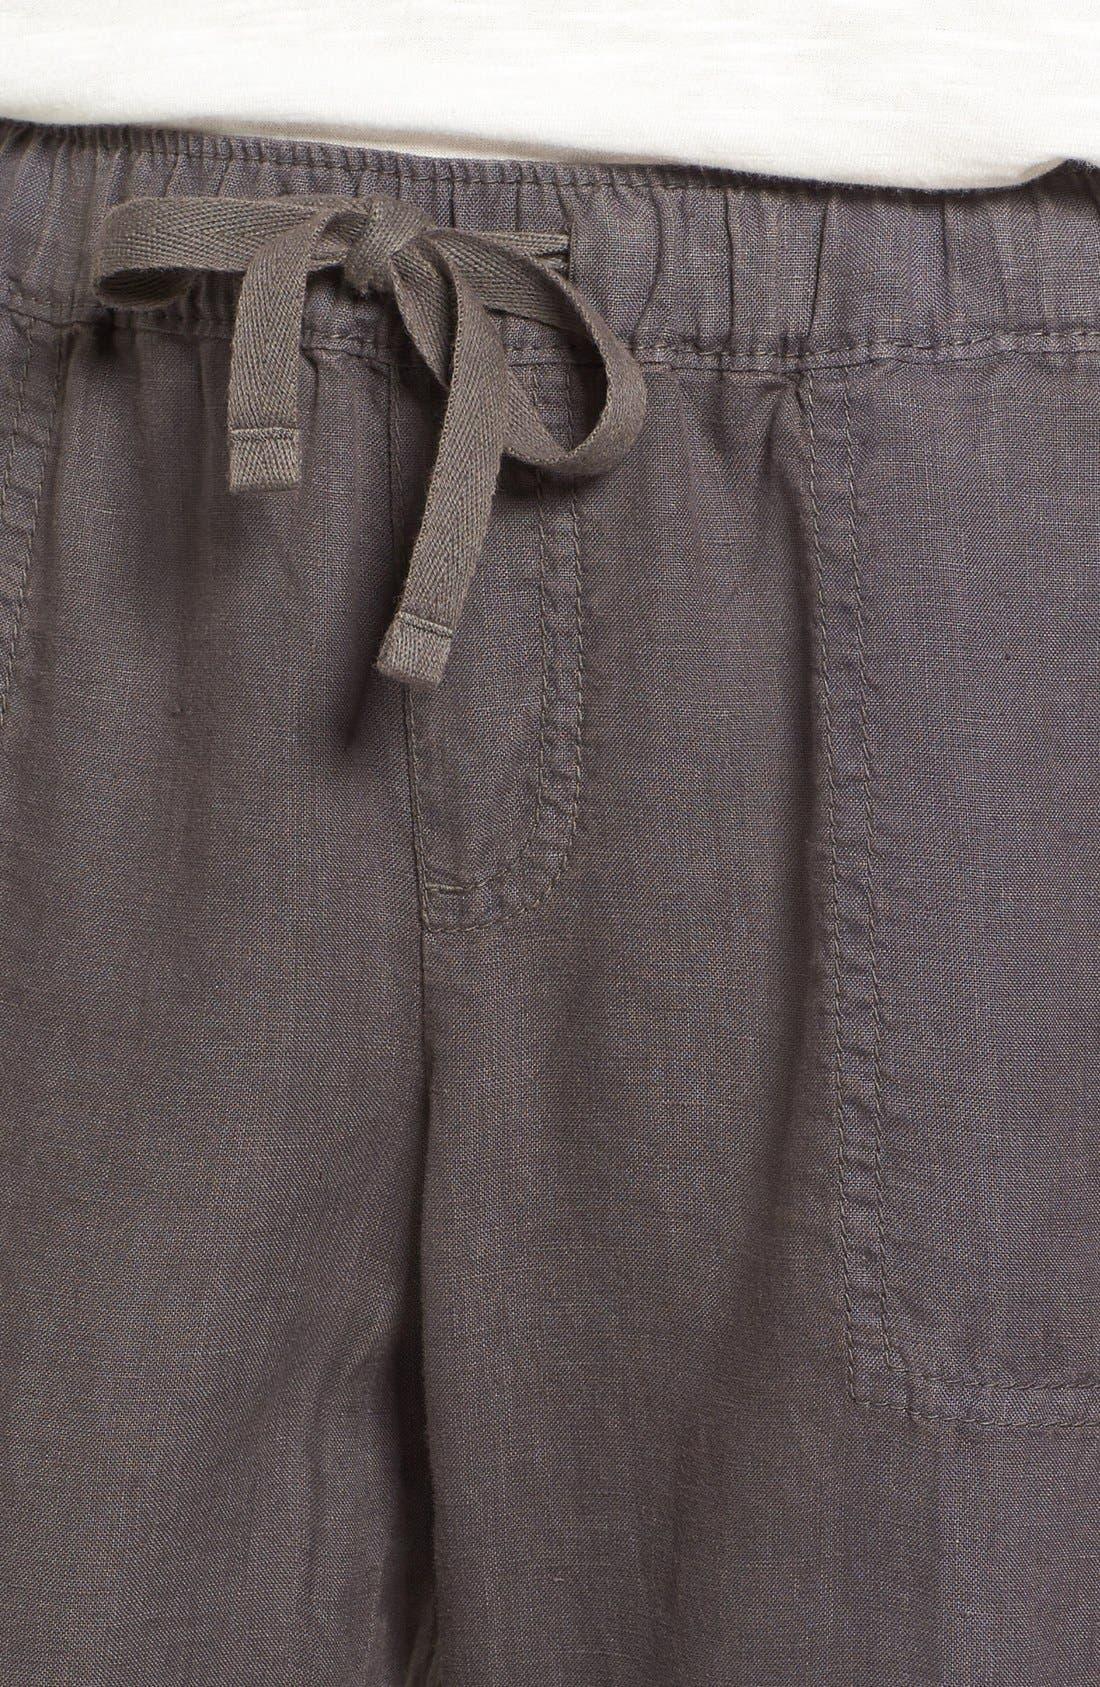 Crop Linen Joggers,                             Alternate thumbnail 21, color,